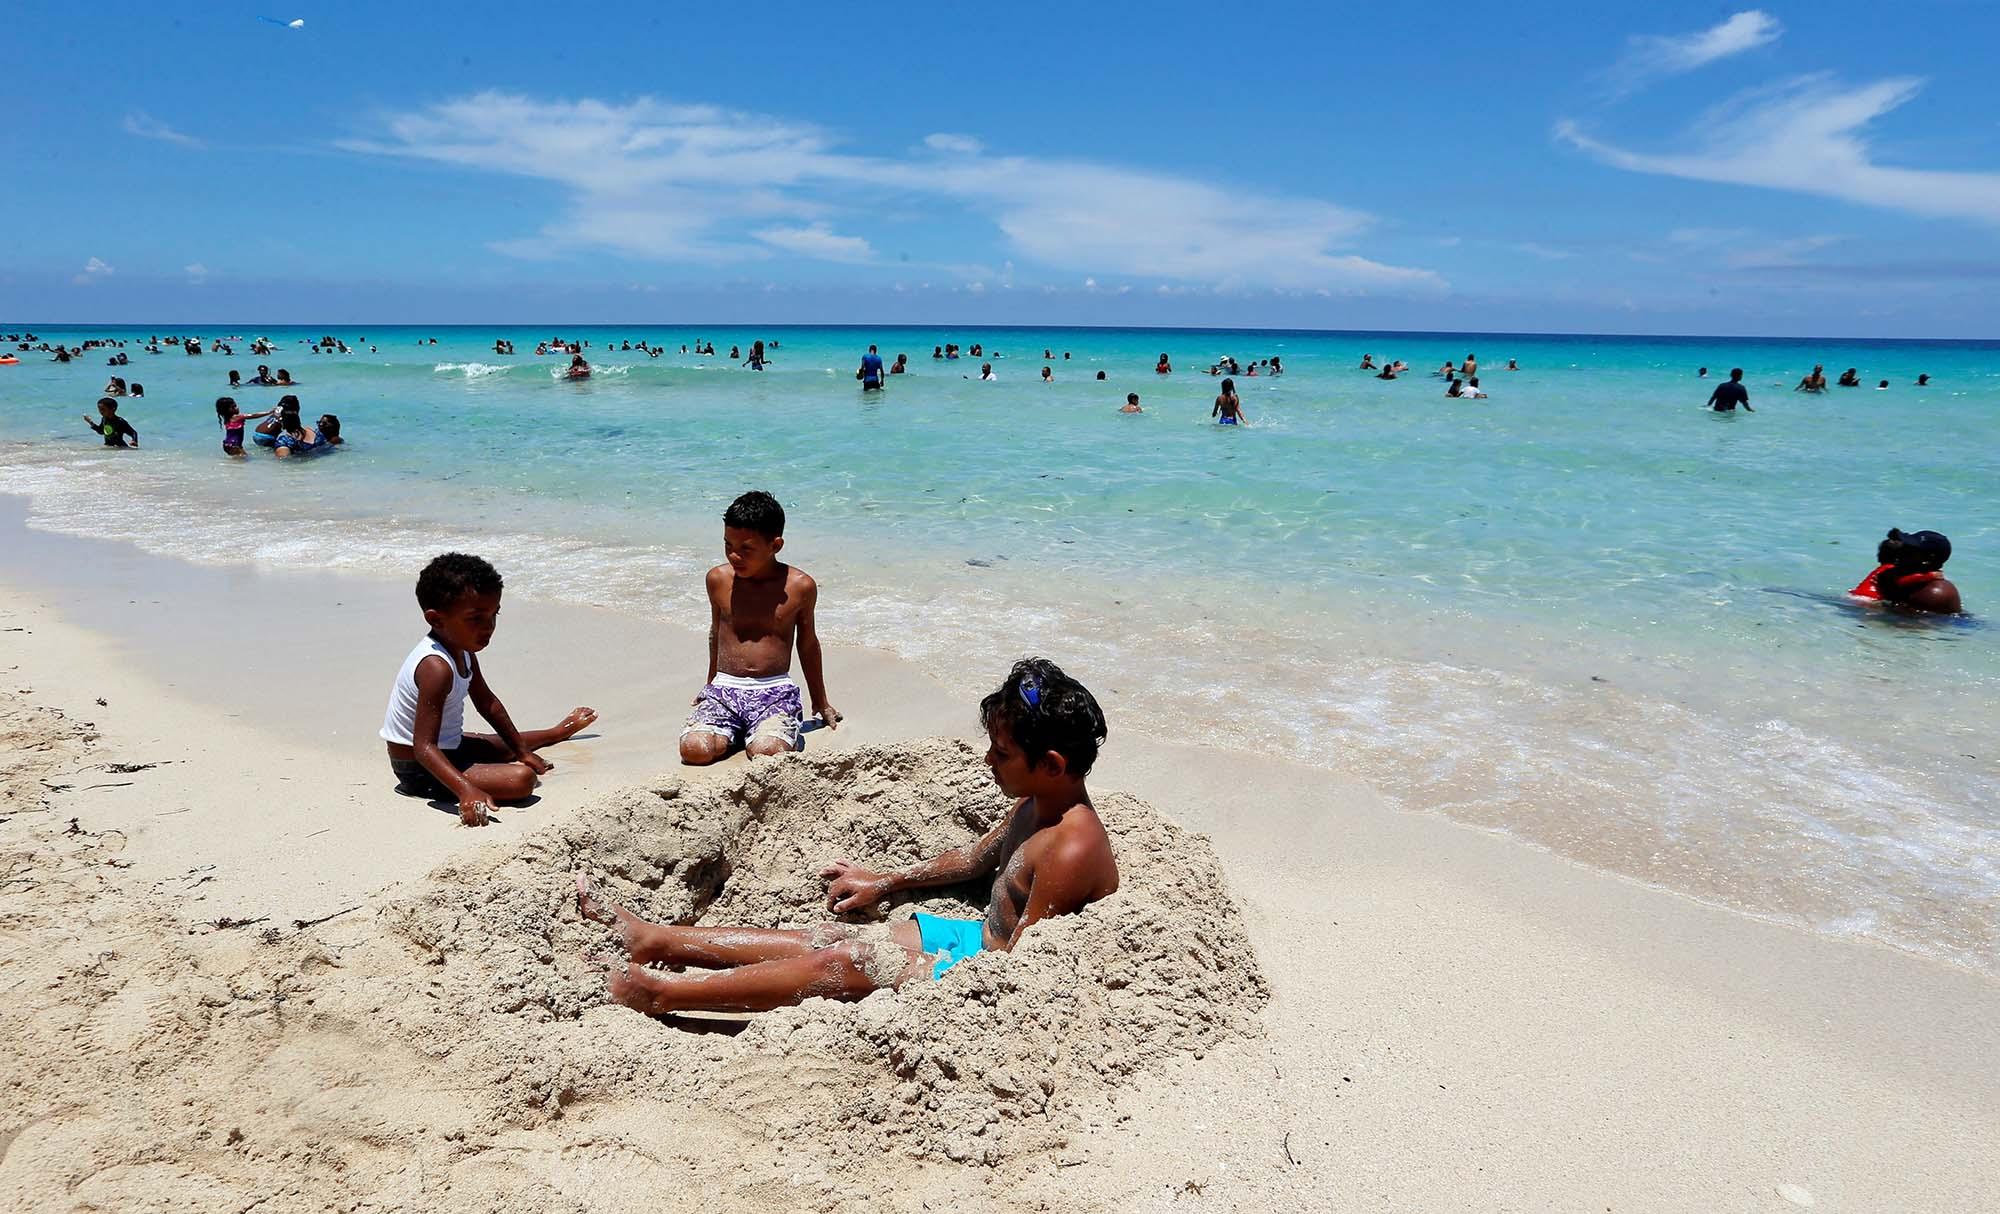 Los niños, a su aire. Foto: Ernesto Mastrascusa / EFE.